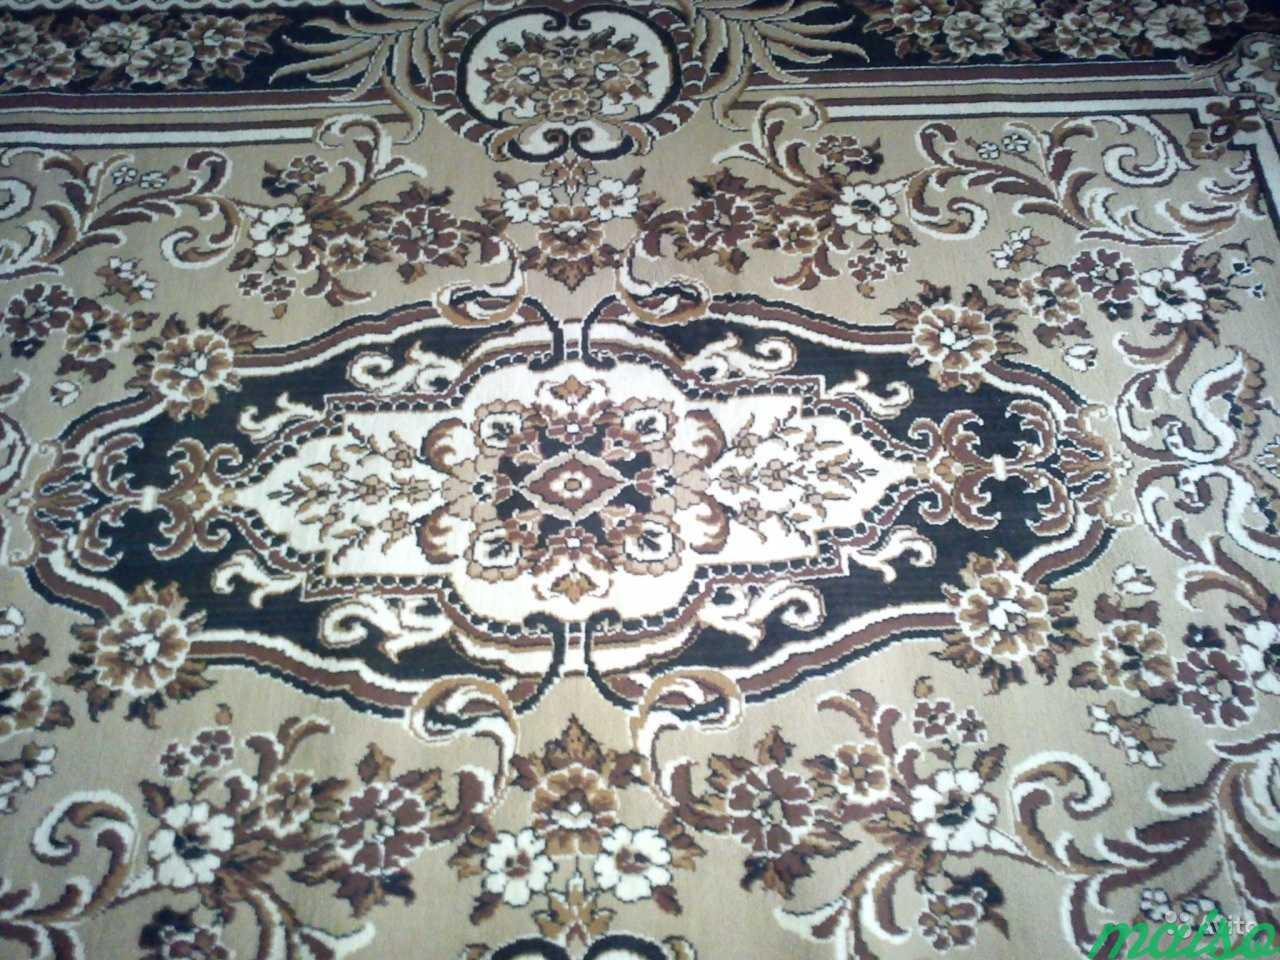 Ковер Бельгия 1,90 х 2,70 в идеальном состоянии в Москве. Фото 4